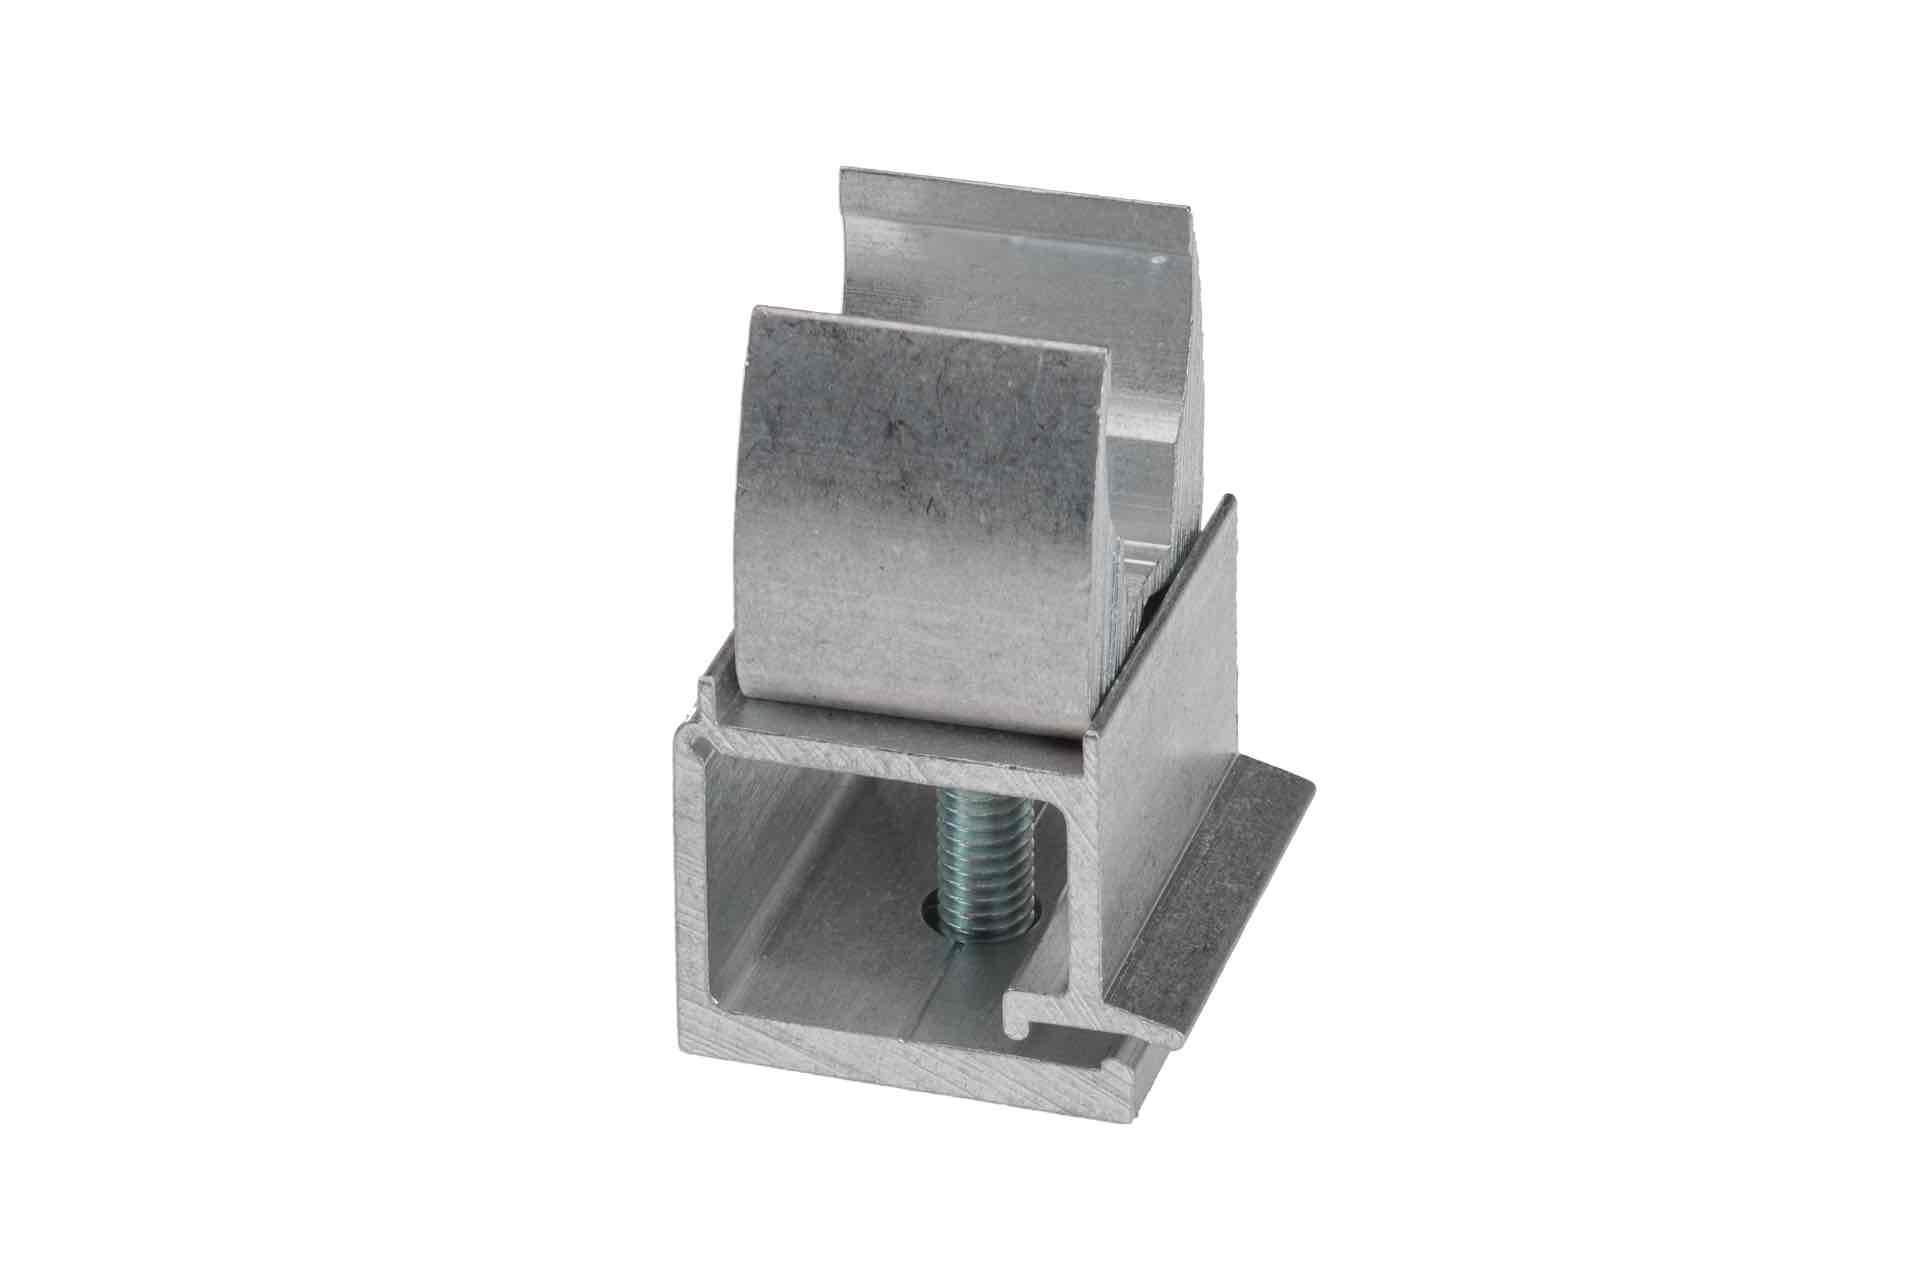 Draadset 19-30 aluminium